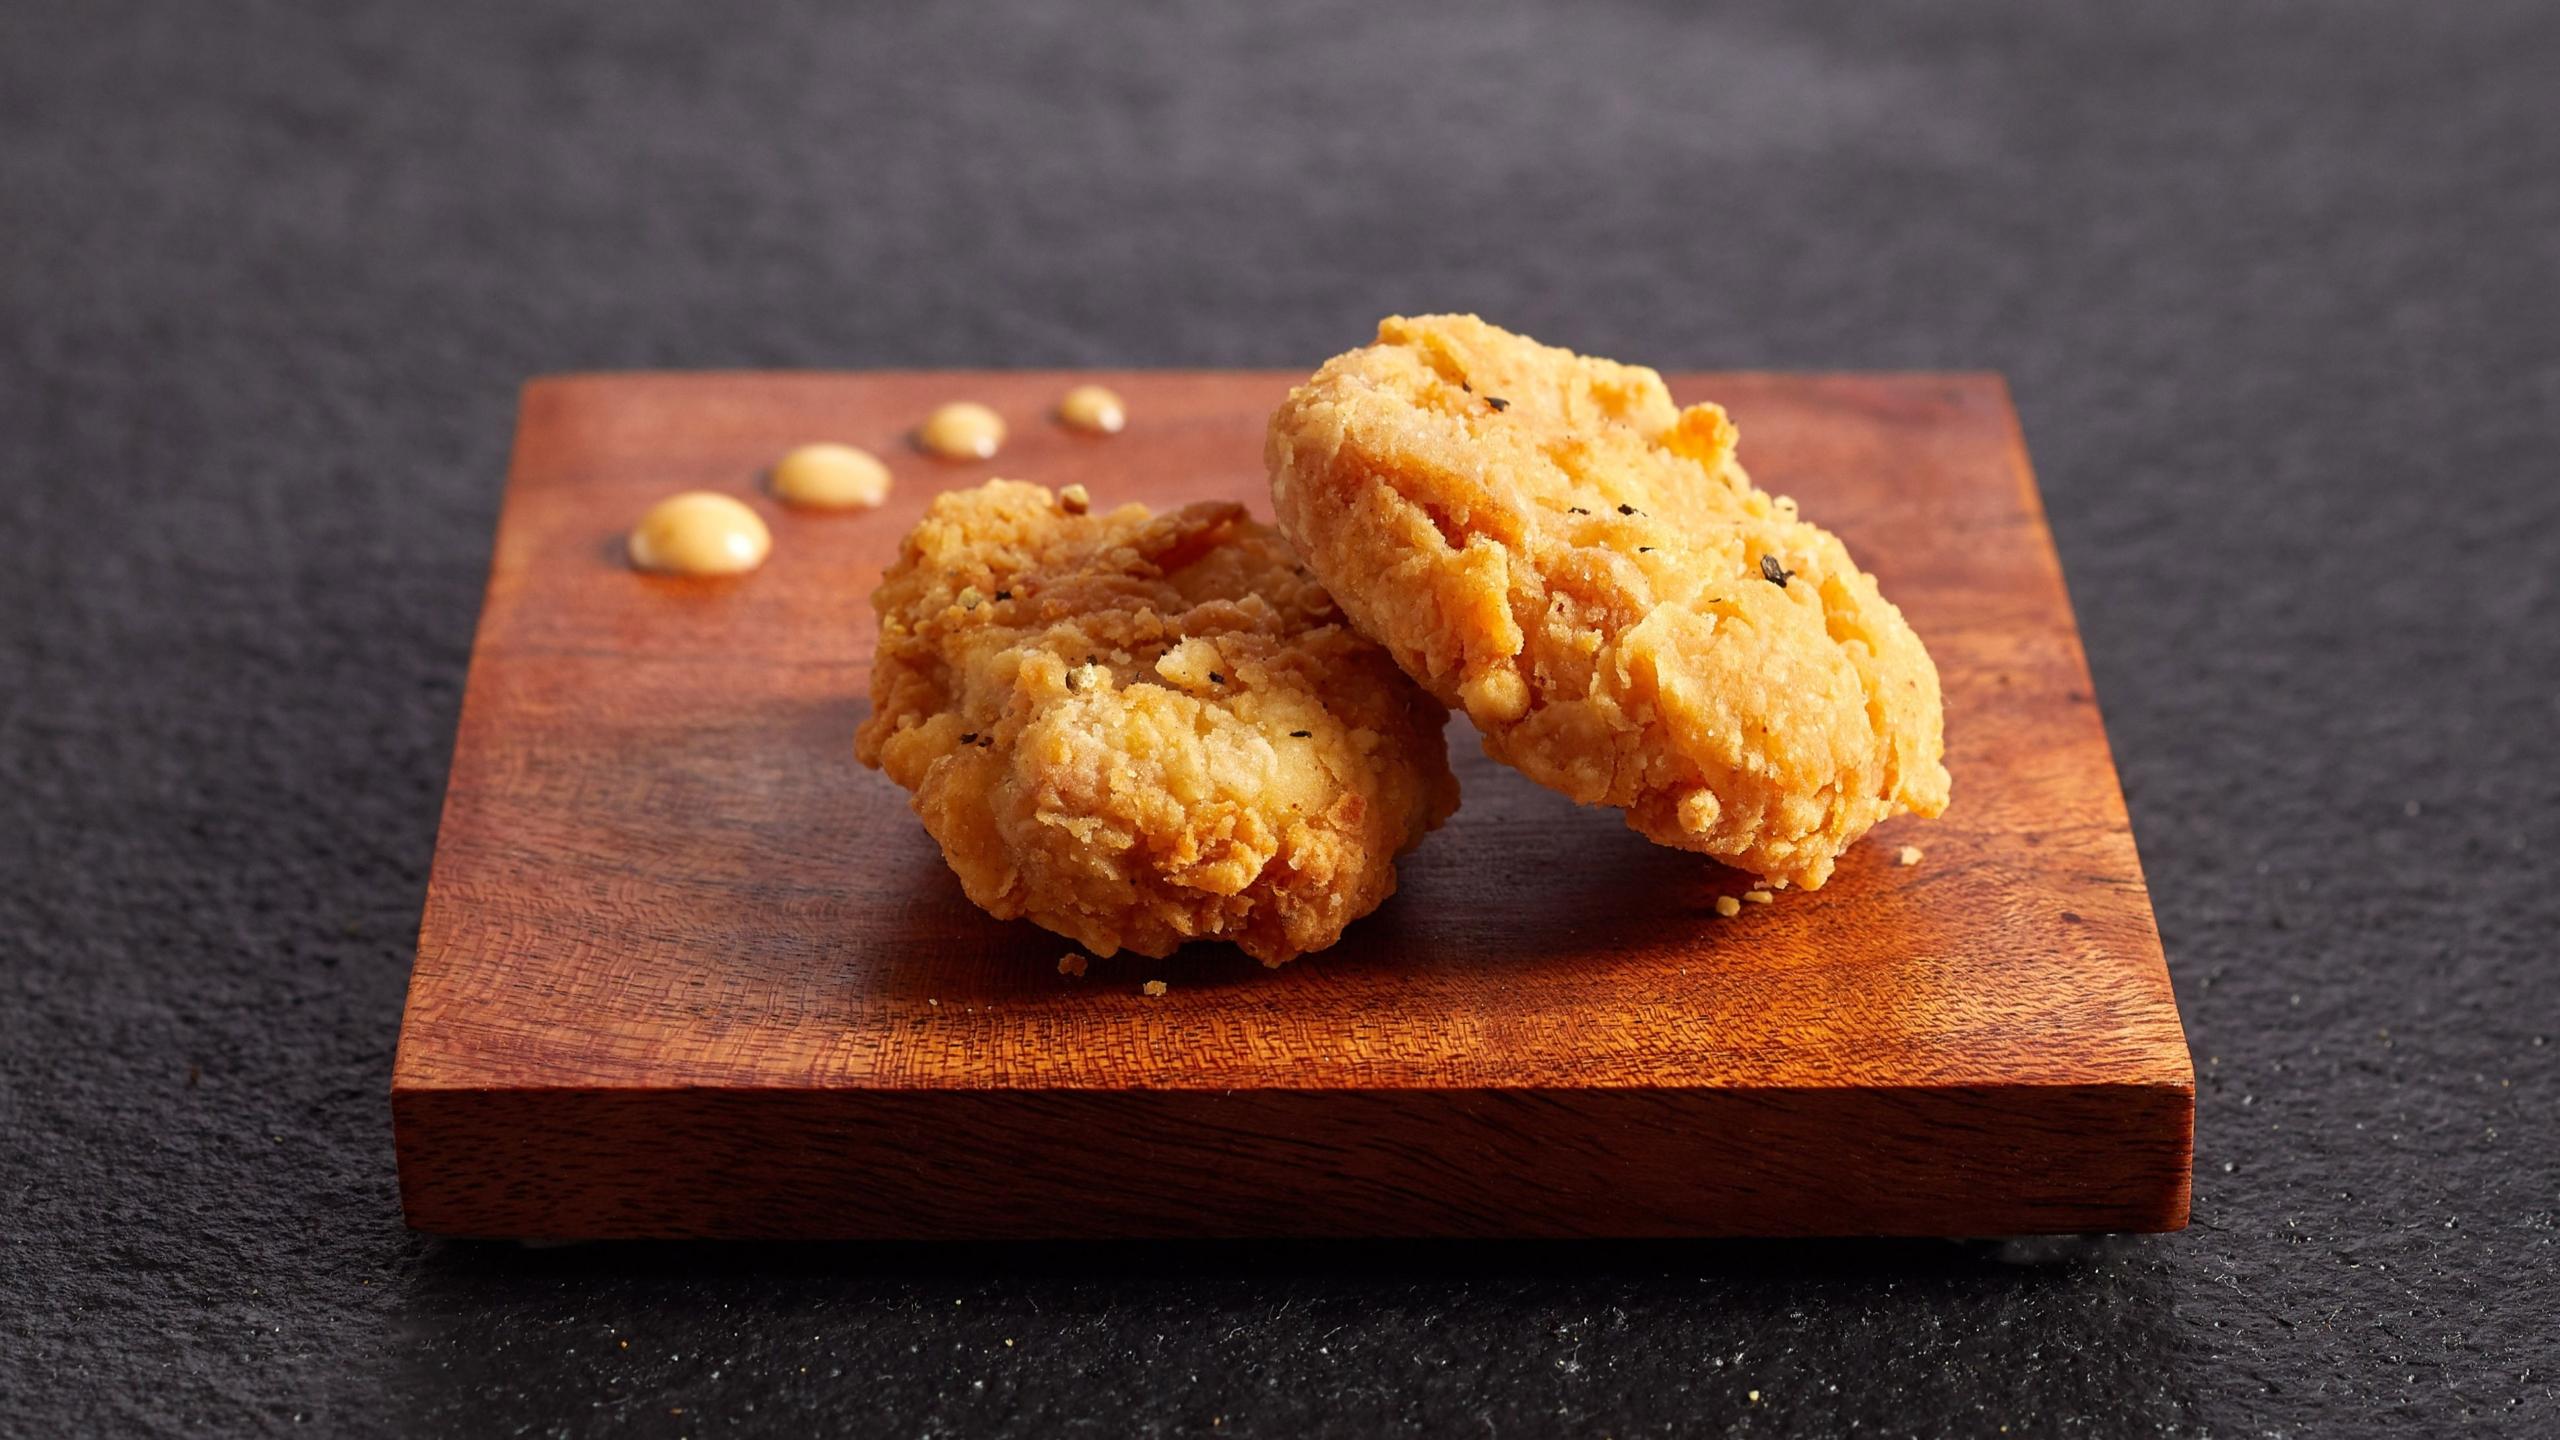 Singapur hace historia como el primer país en aprobar la venta de carne de pollo hecha en laboratorio